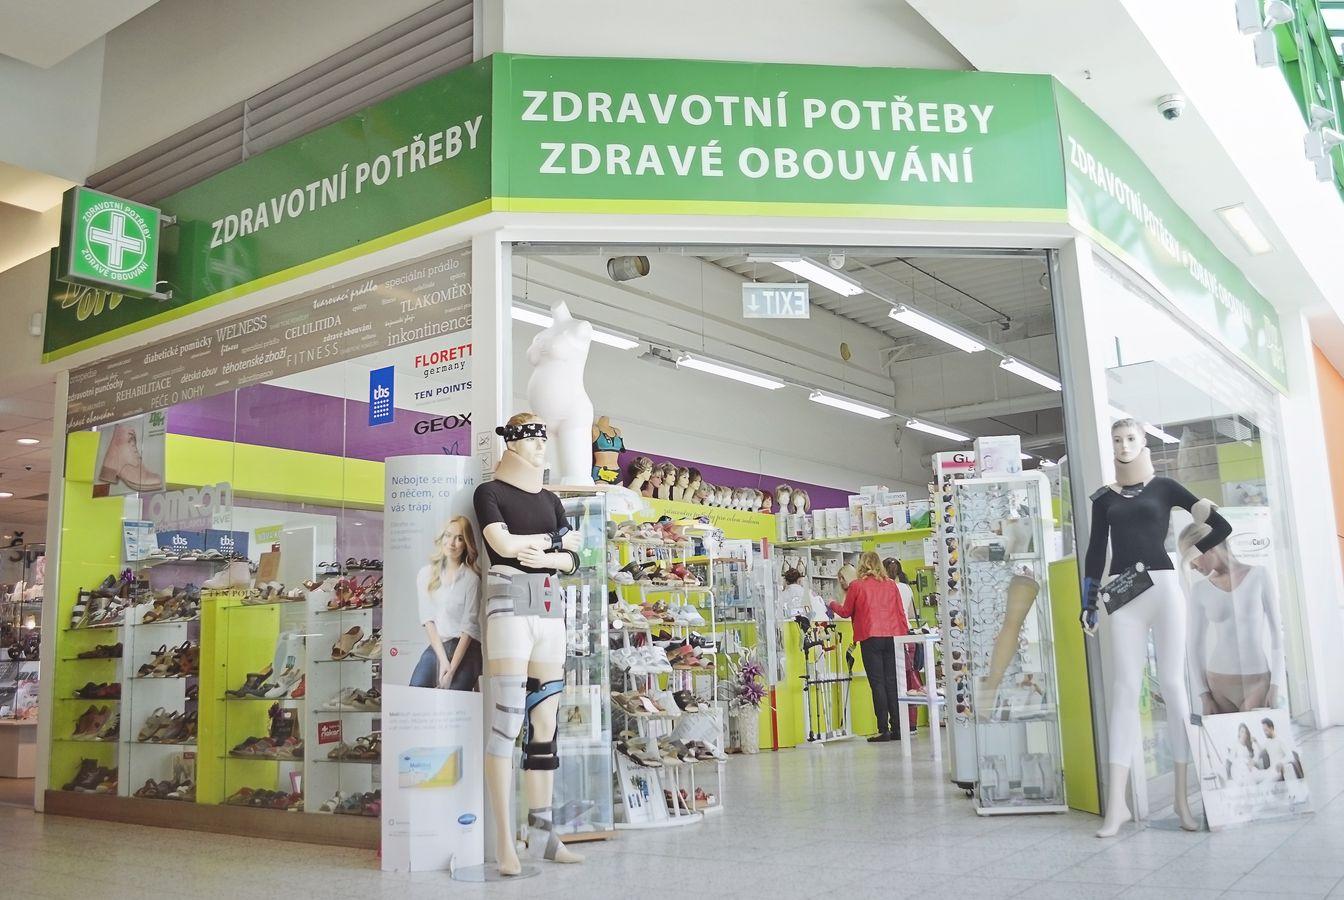 Prodejnu naleznete v Hypermarket Globus Praha 5 – Zličín Sárská 5